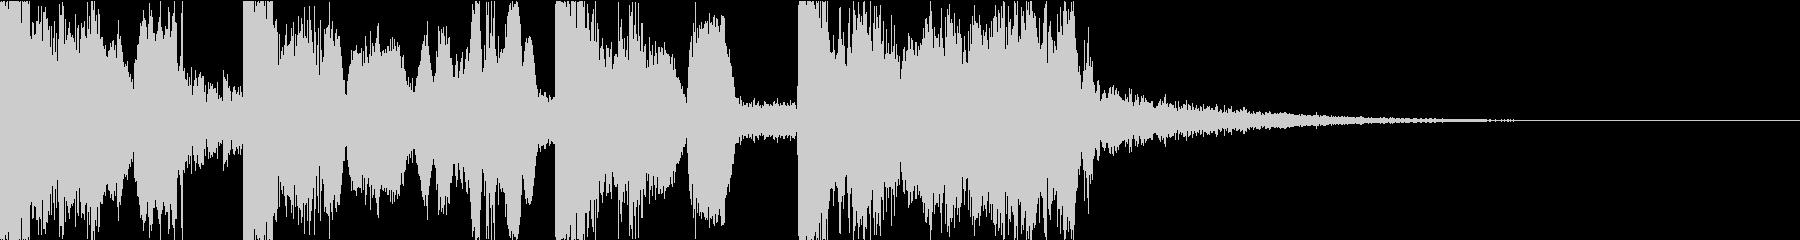 ボーカルチョップの都会的ポップジングルbの未再生の波形